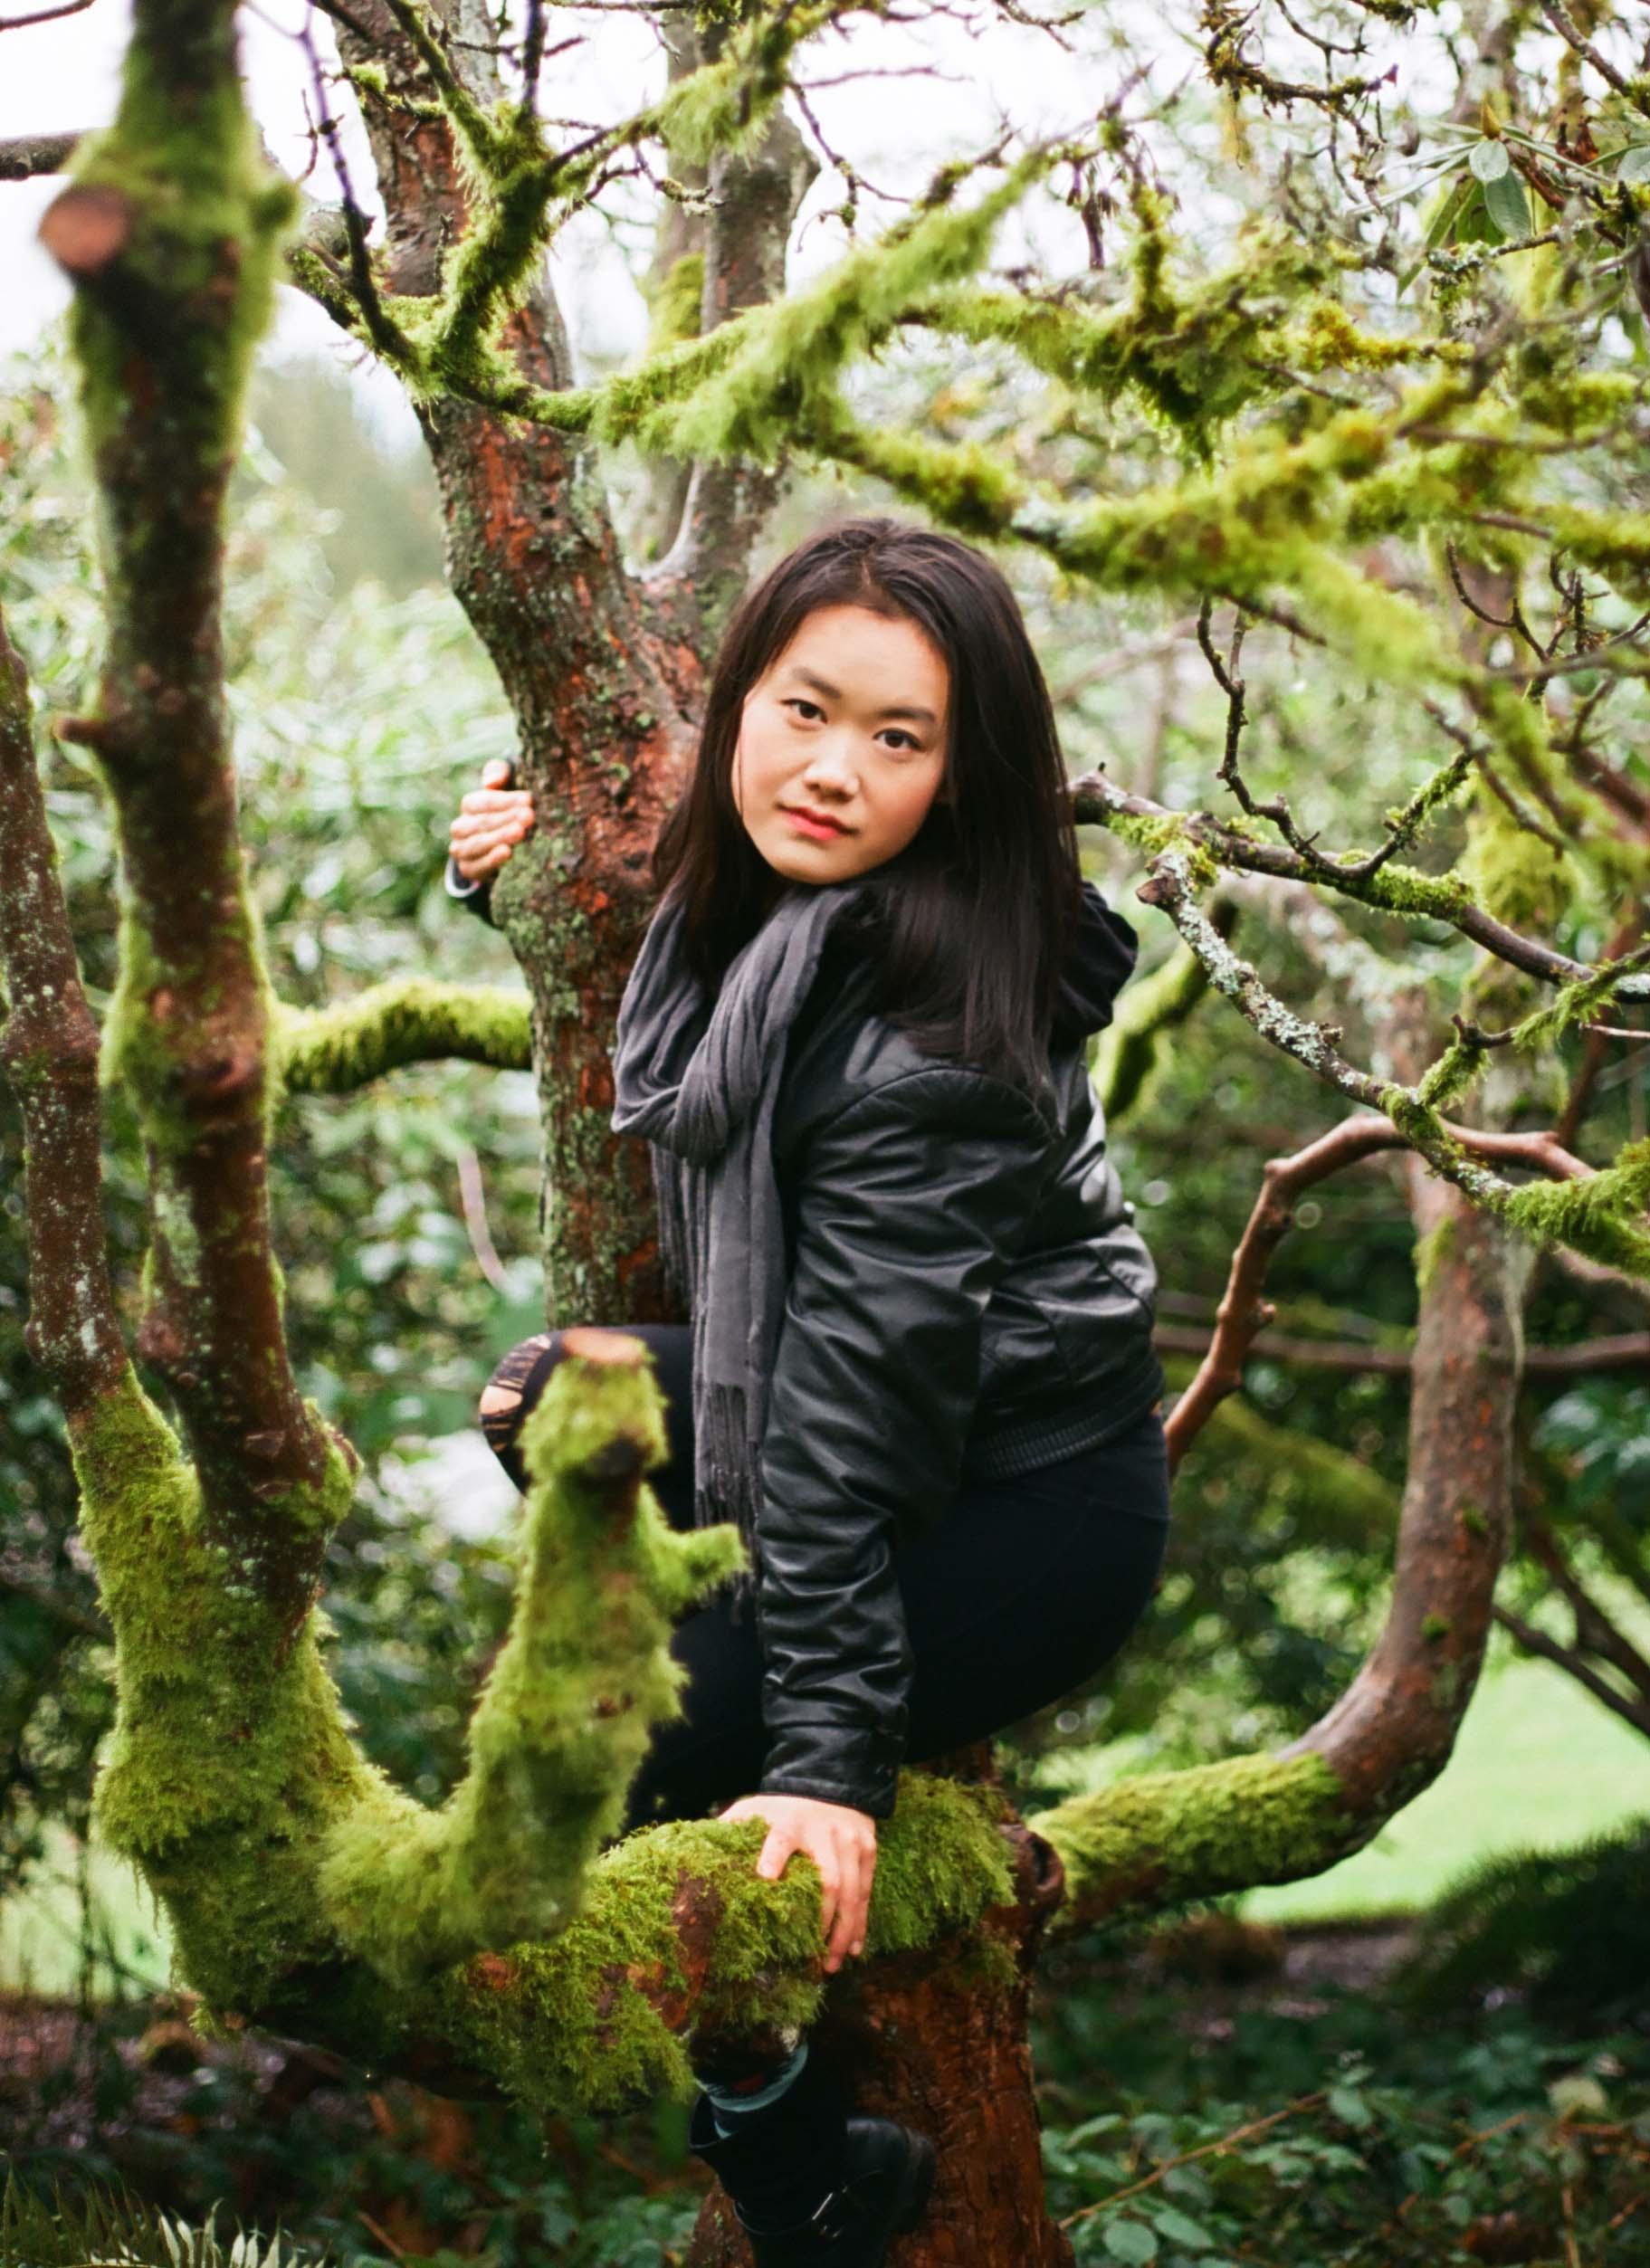 Kasha in the treet